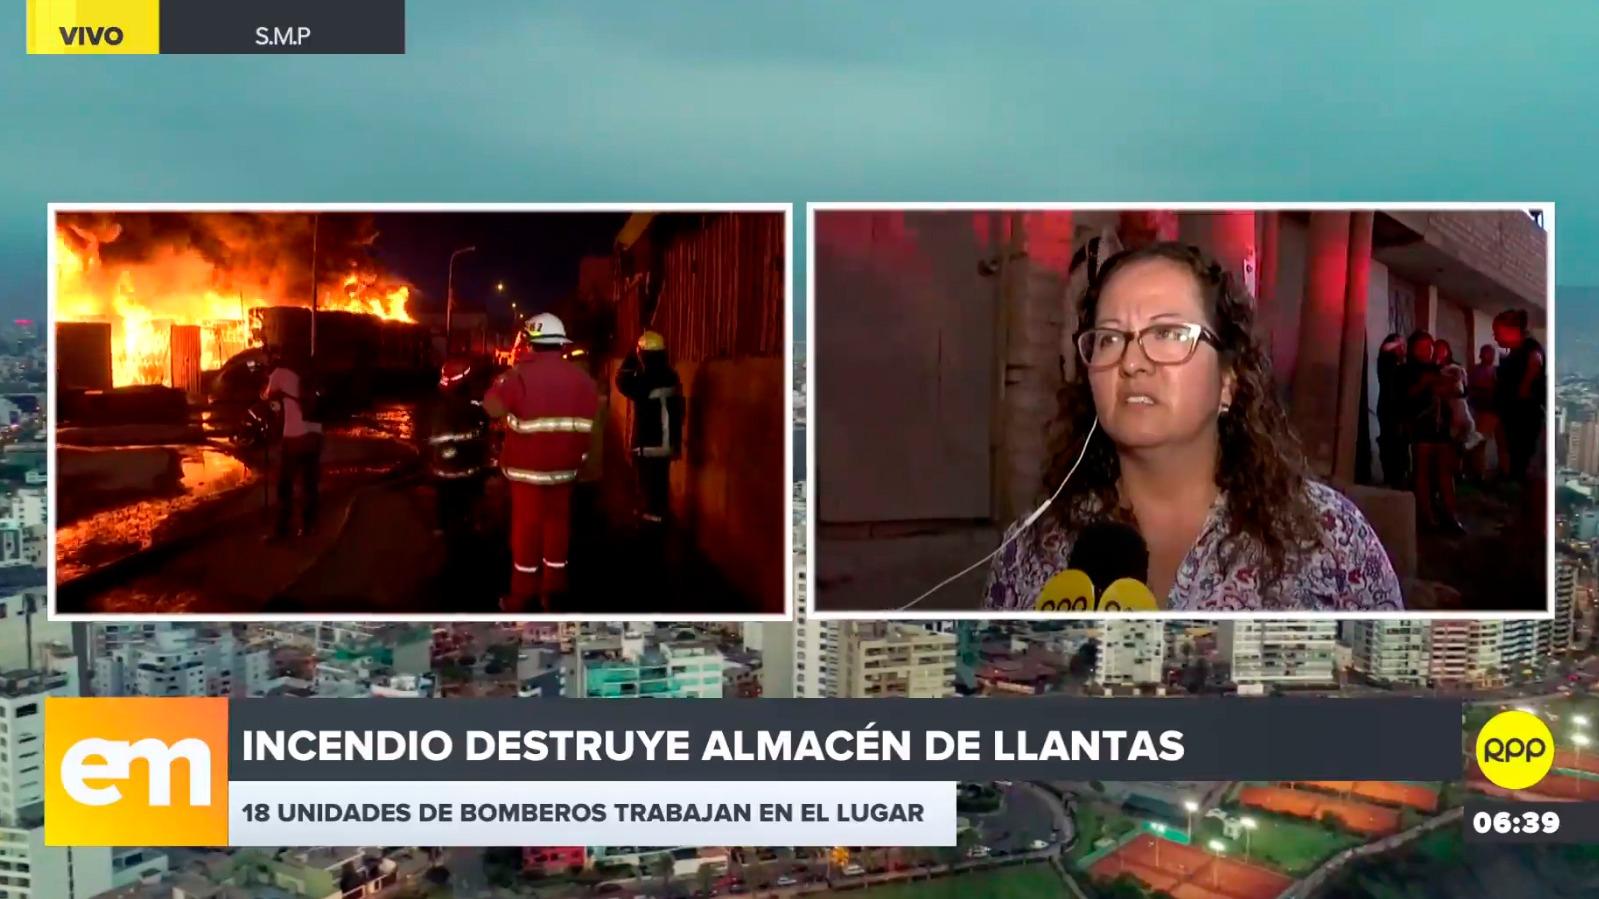 Hasta 18 unidades de bomberos trabajan para apagar el incendio que destruye depósito de llantas